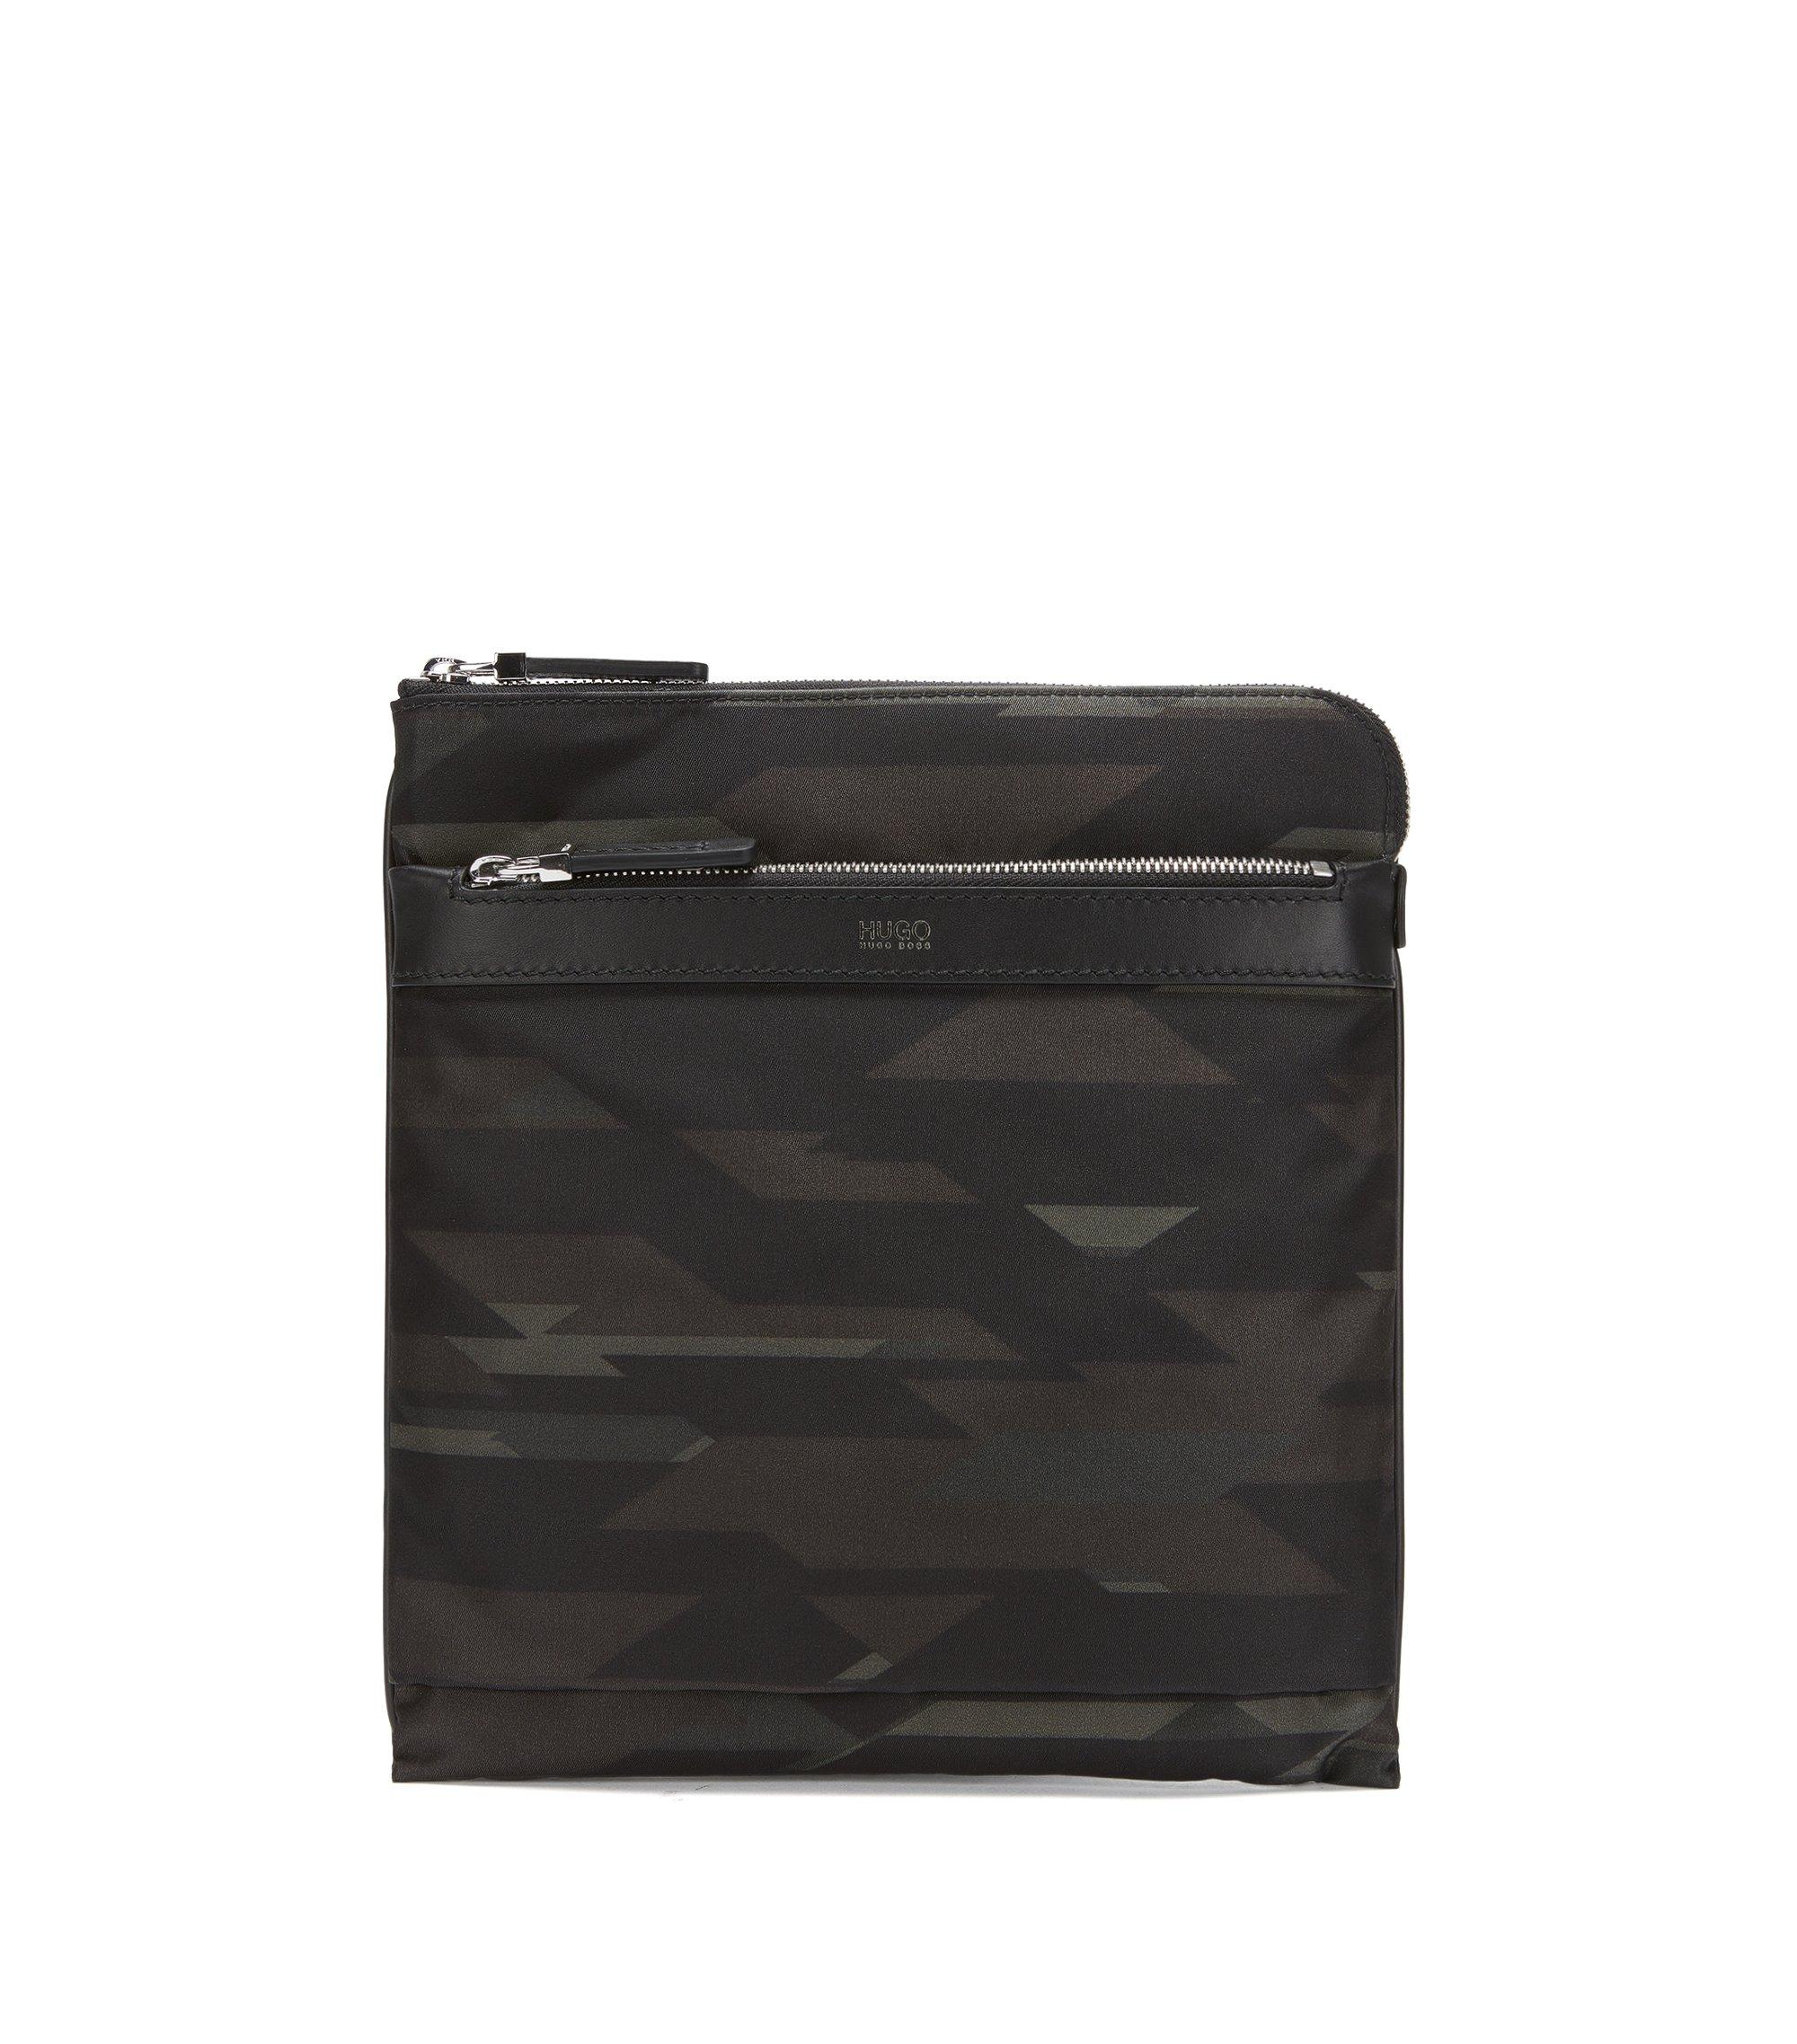 Porte-documents en tissu technique à imprimé camouflage et finitions en cuir, Fantaisie